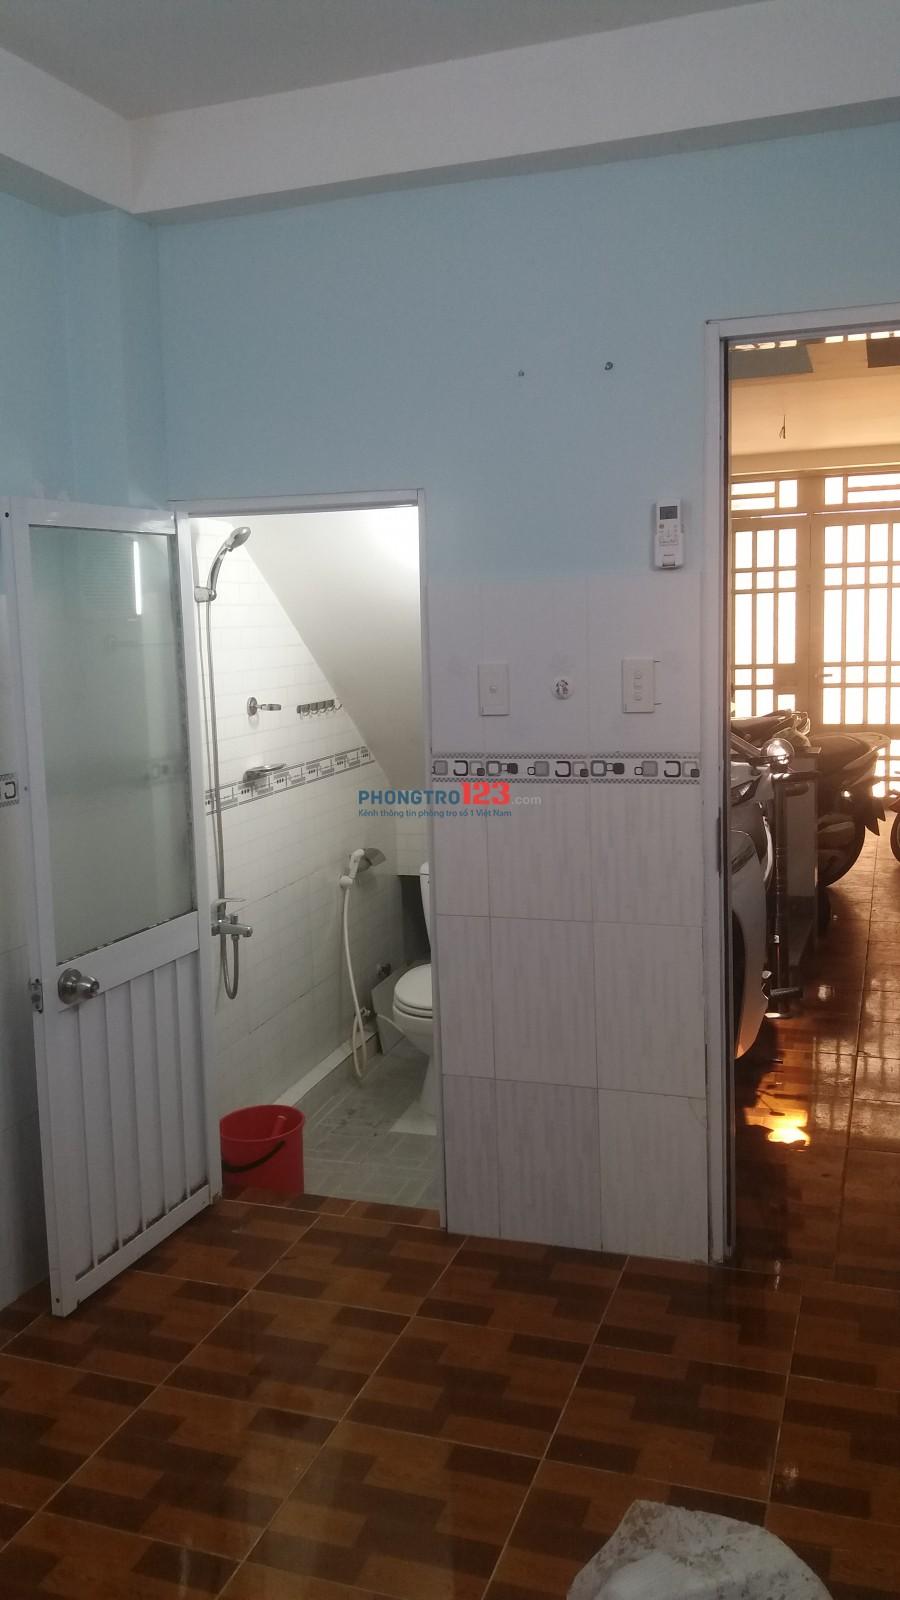 Phòng trọ Q3; 16 m2, 2,8 triệu/tháng